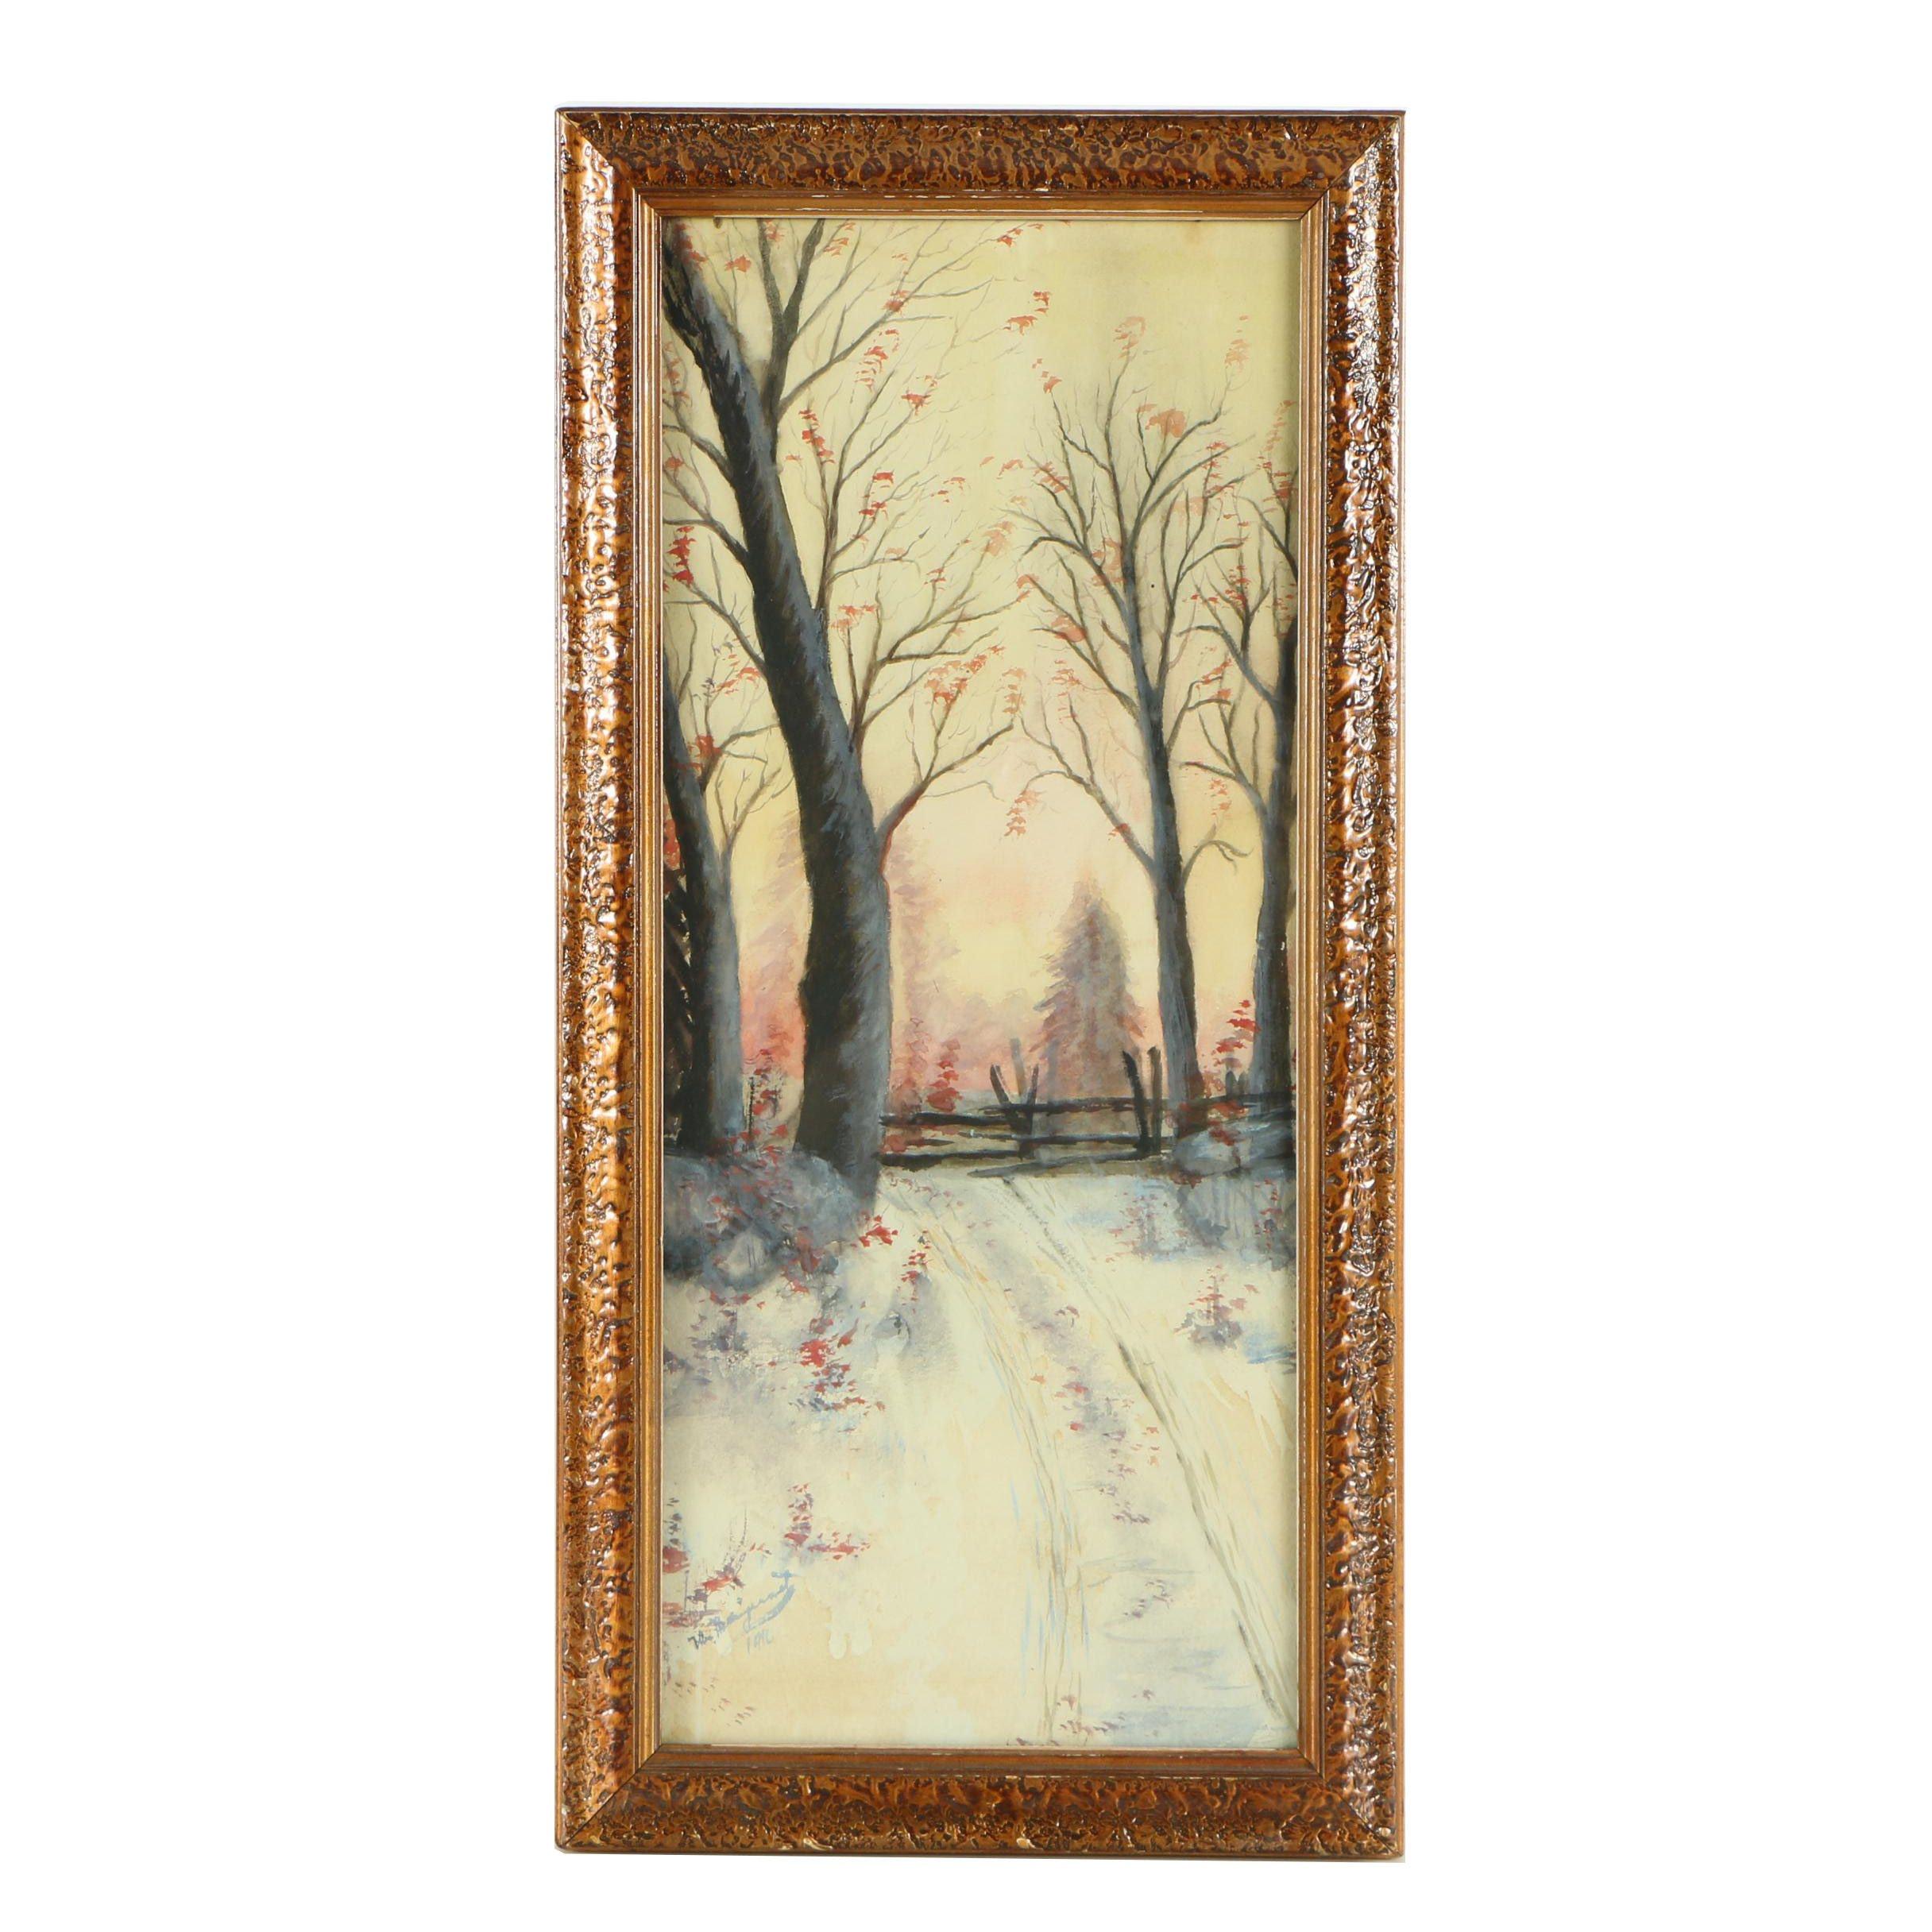 1916 Landscape Watercolor Painting